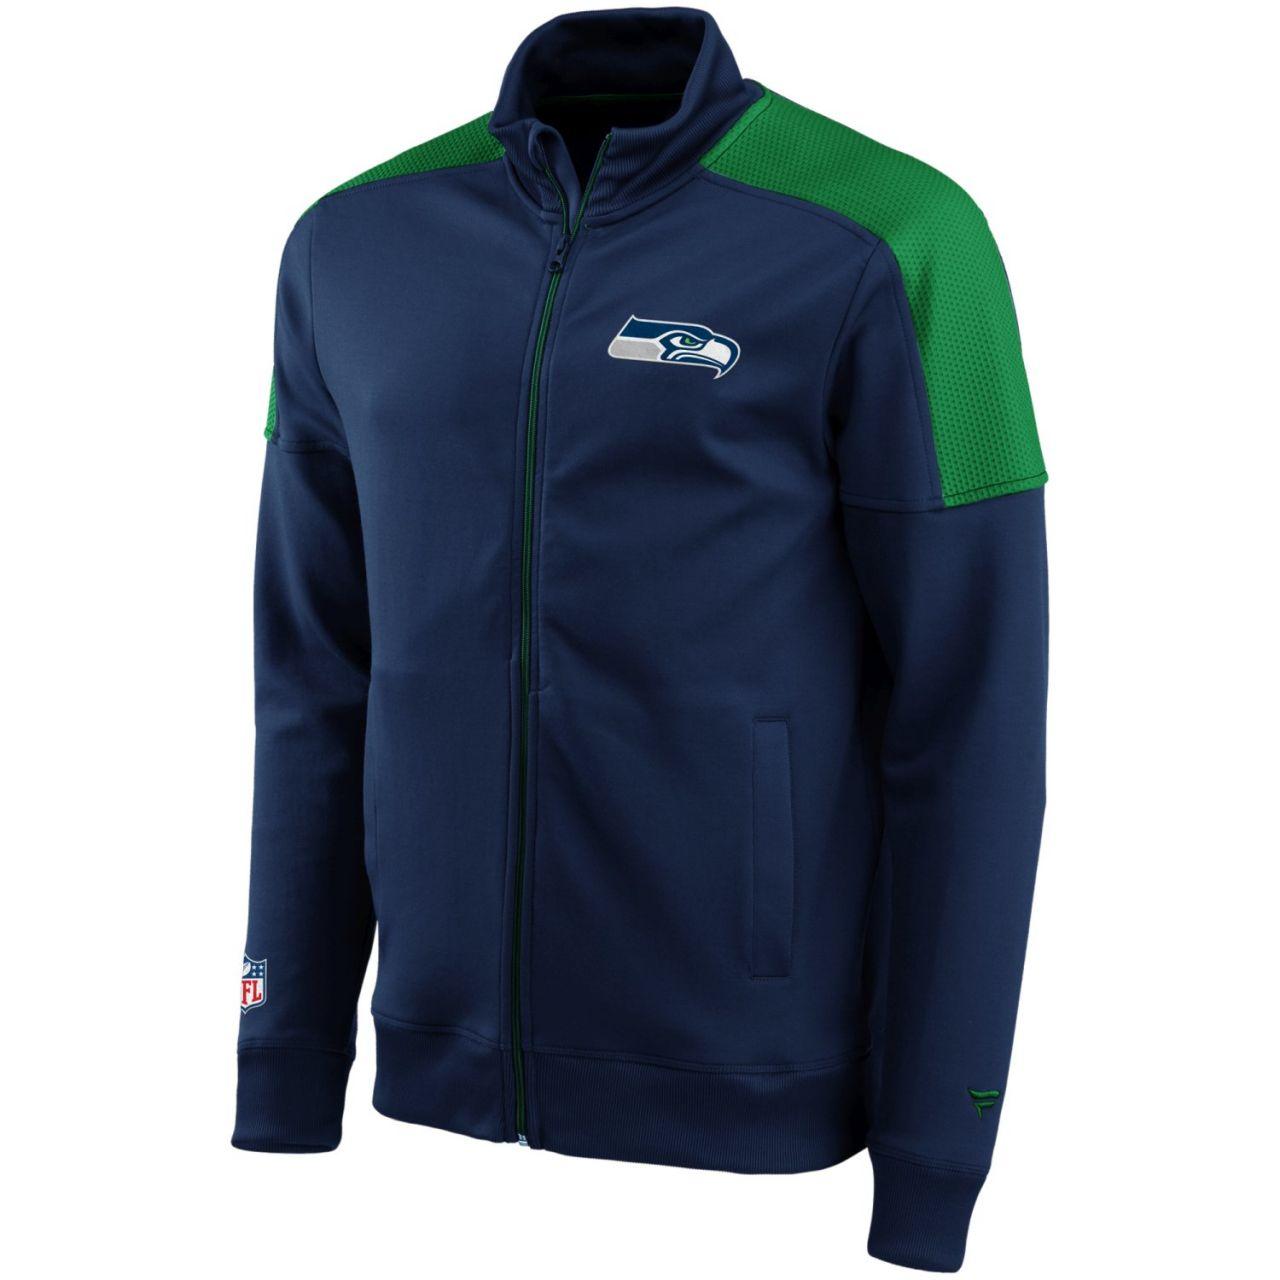 amfoo - Seattle Seahawks ICONIC NFL Track Jacket navy